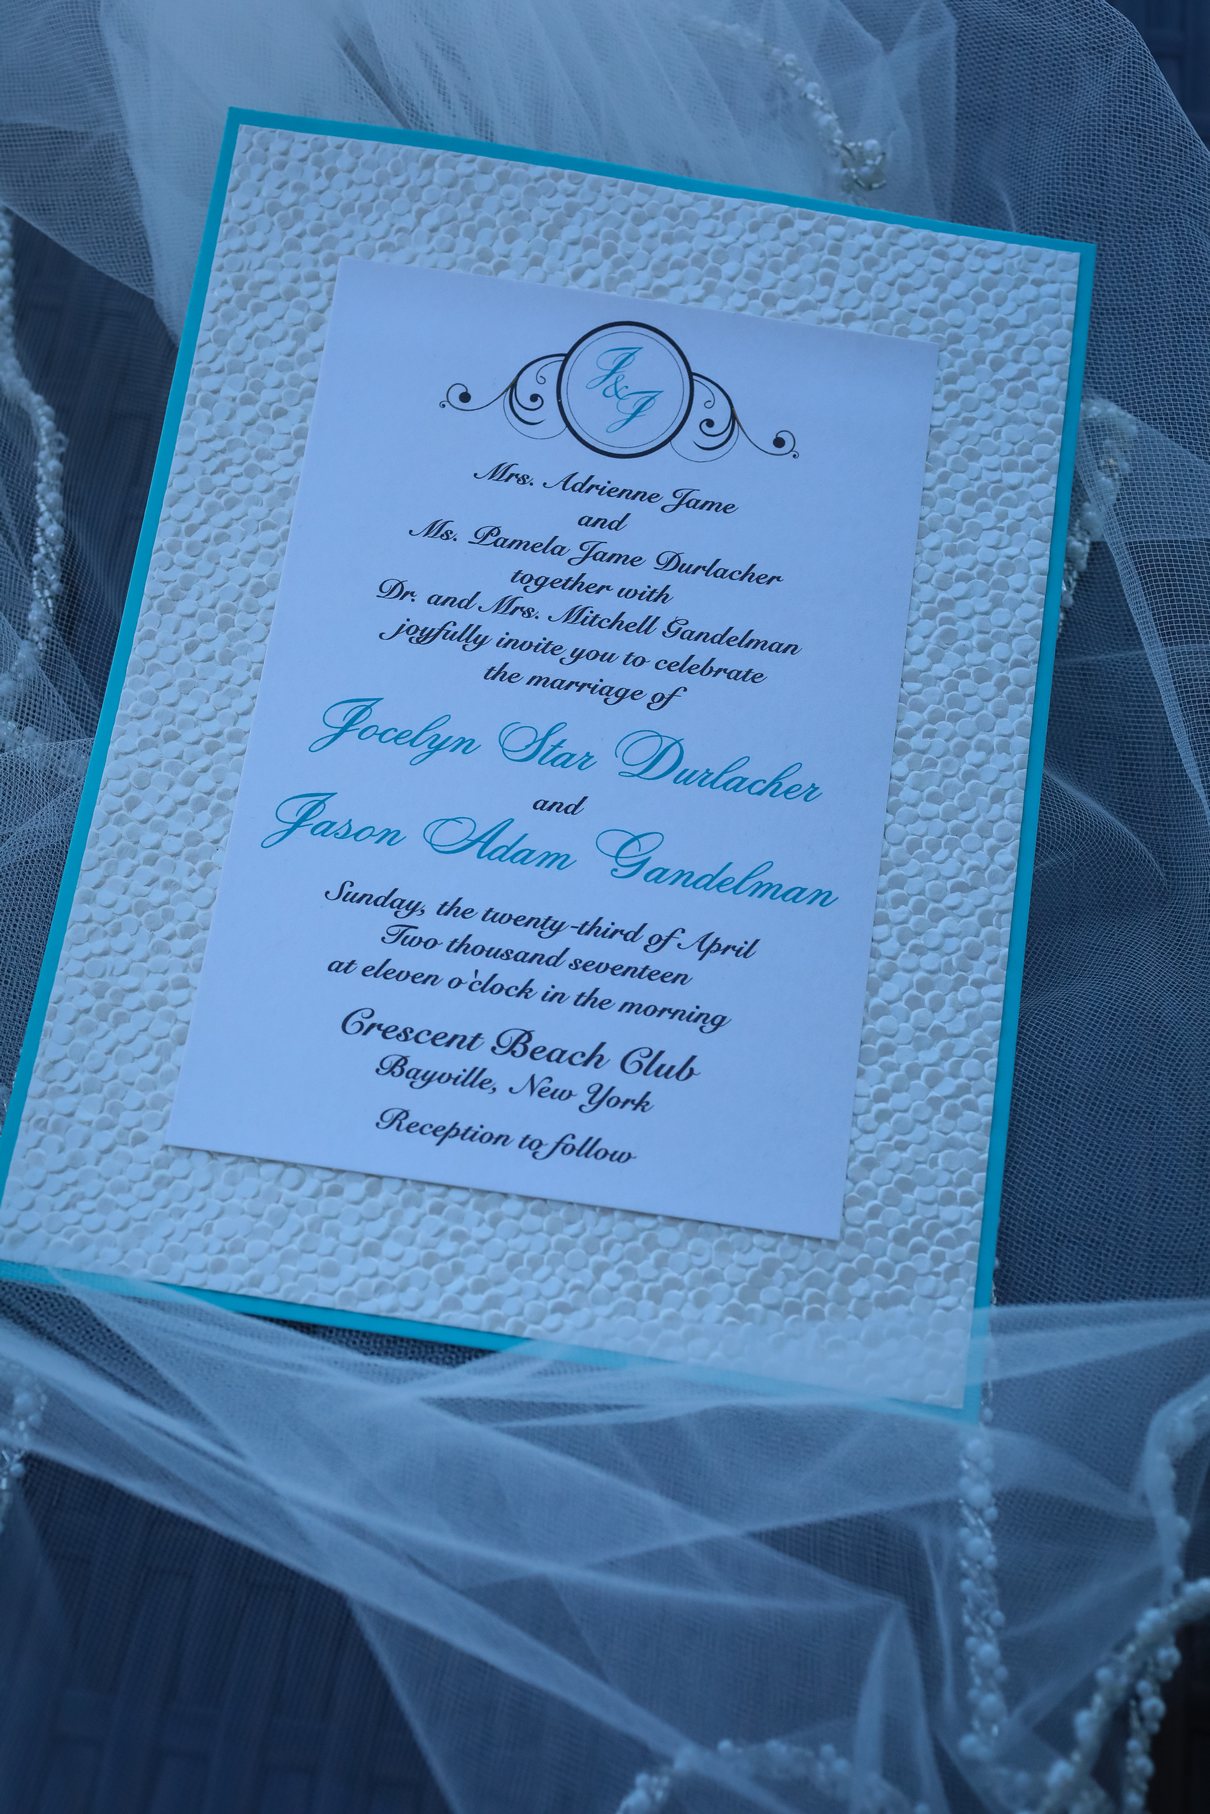 Pebble Paper Invitation Crescent Beach Club (1)